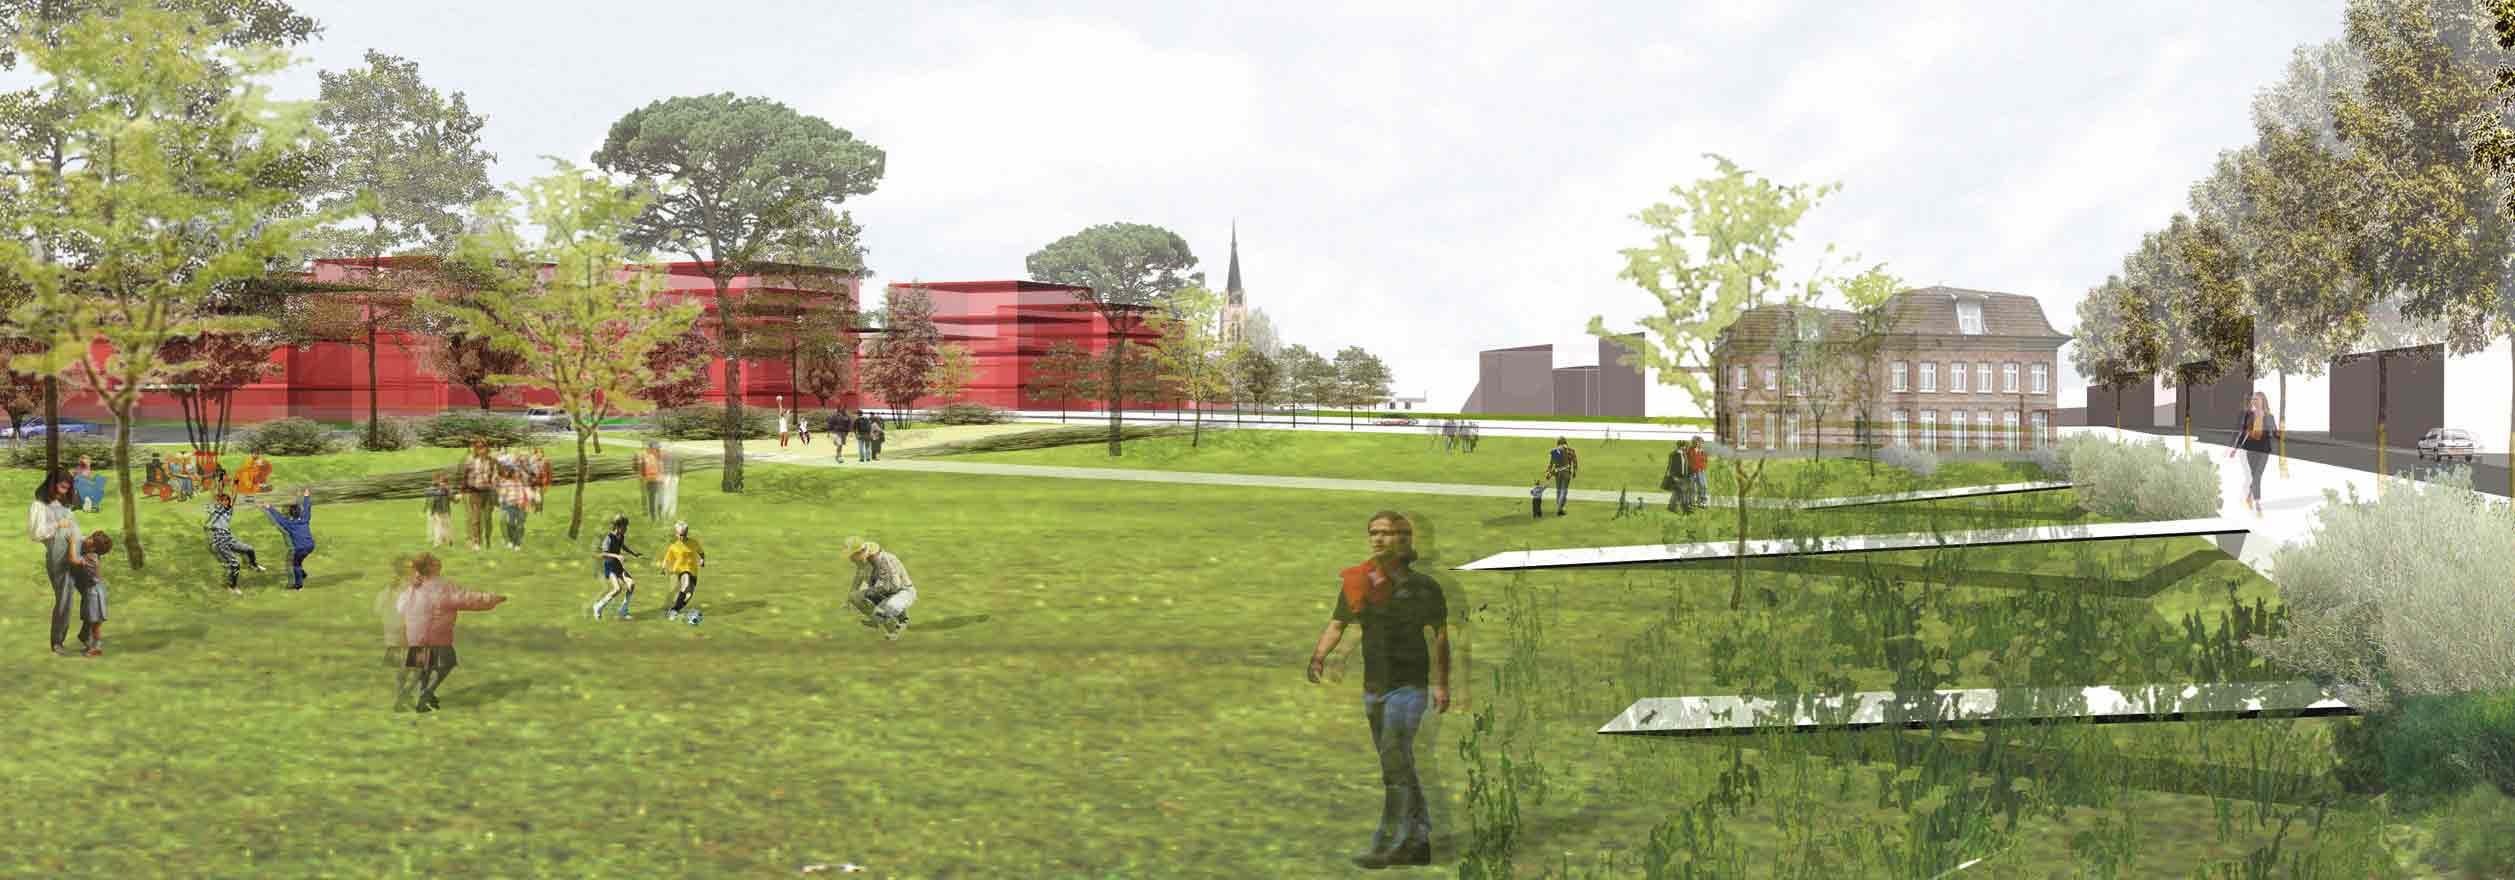 espace vert eco quartier